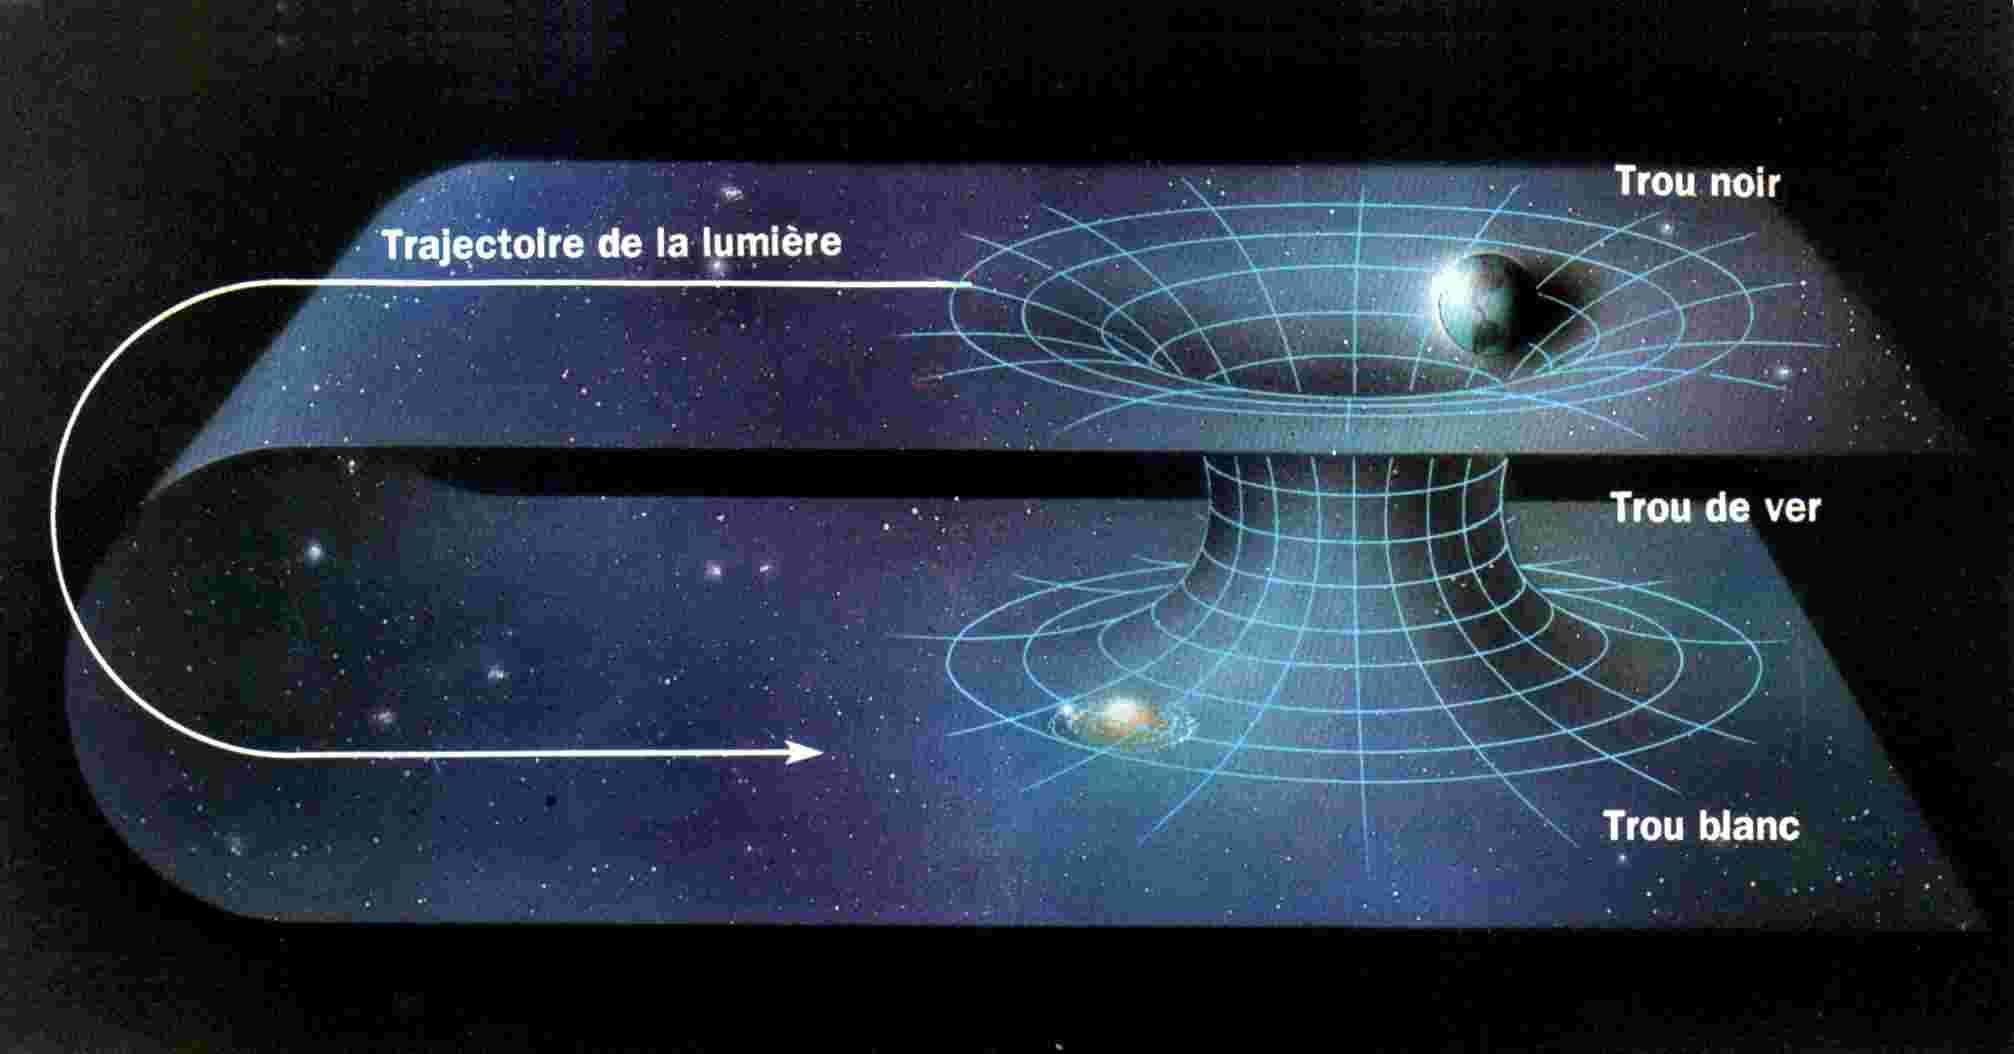 The Wormhole Source Tumblr Com A Wormhole Also Known As An Einstein Rosen Bridge Is A Hypo Trou Noir Physique Theorique Mecanique Quantique